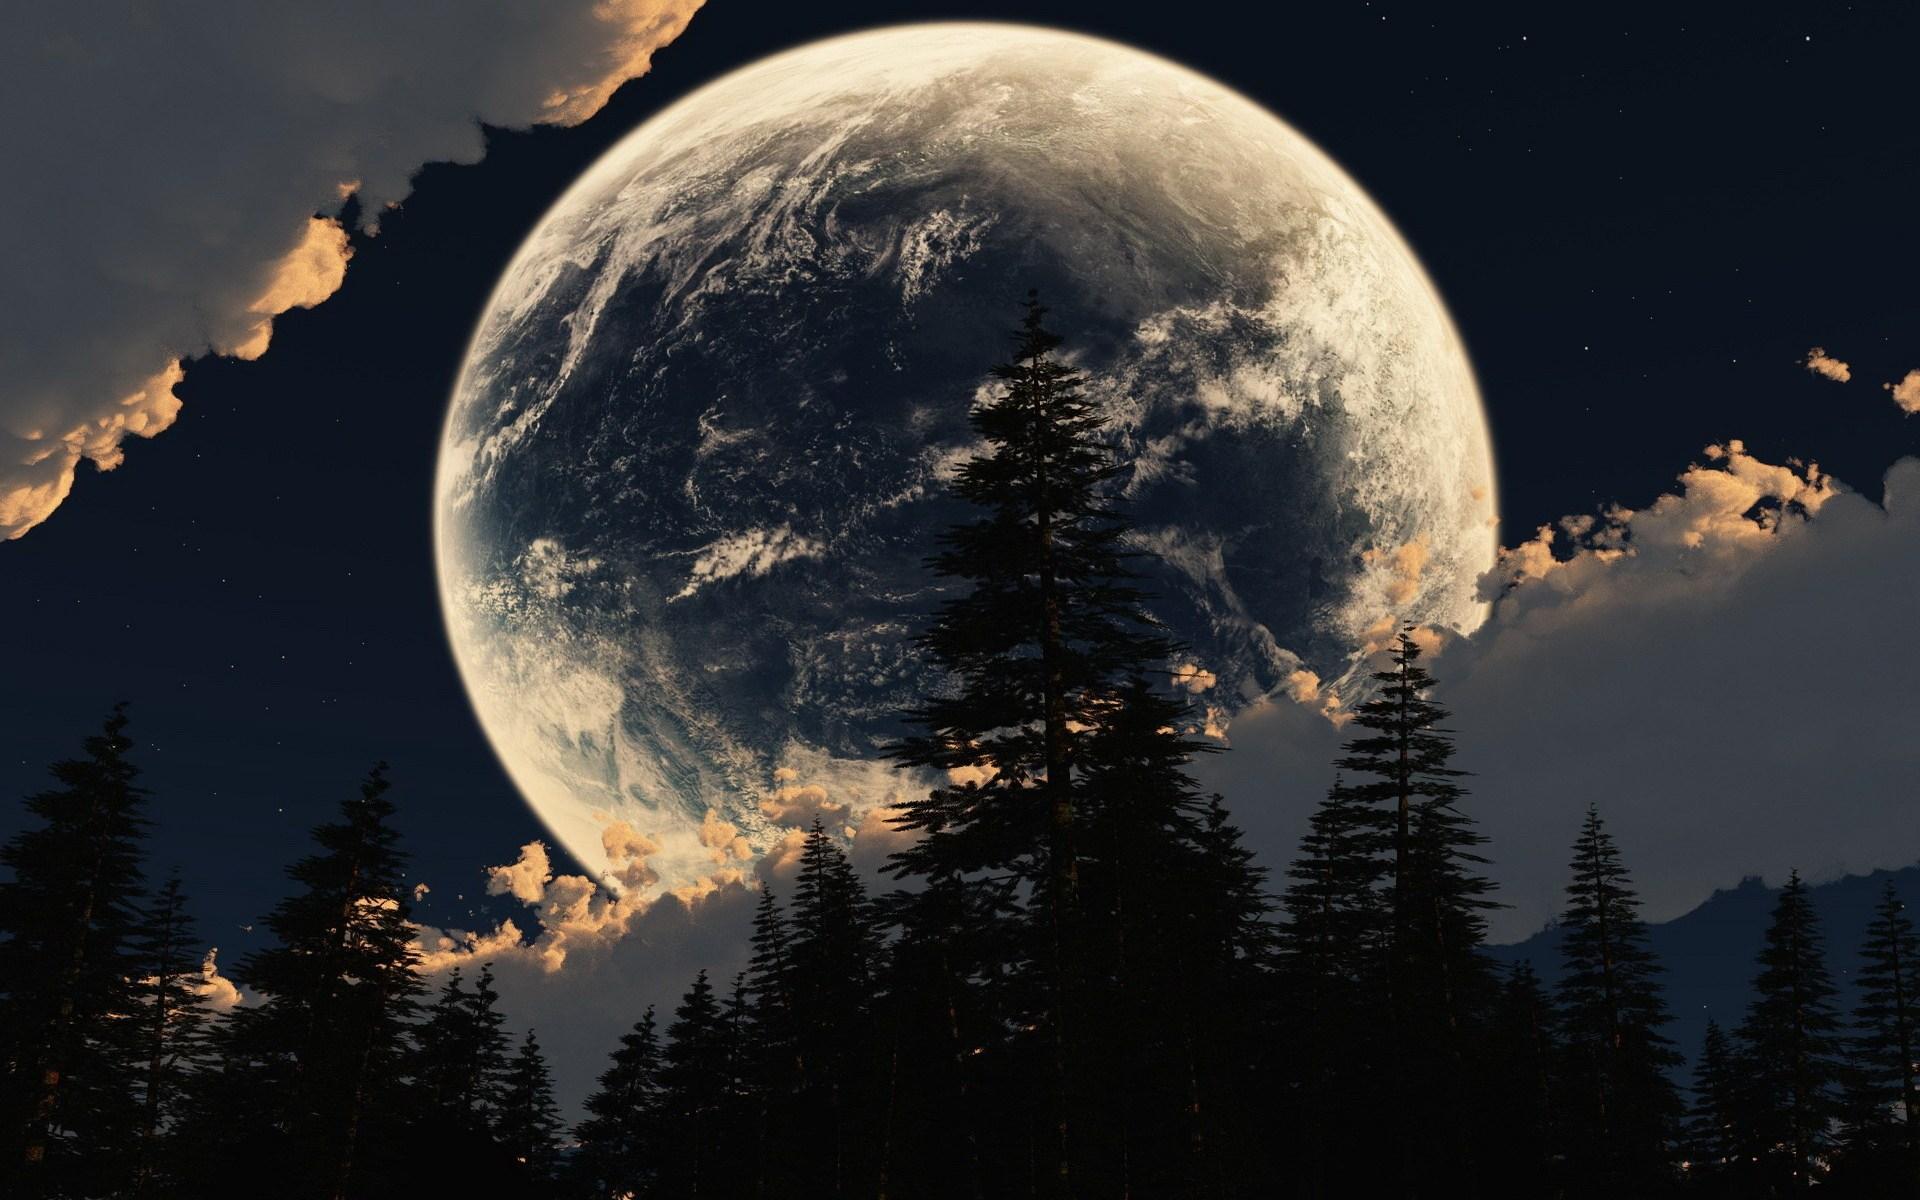 Ученые изсоедененных штатов определили возраст Луны